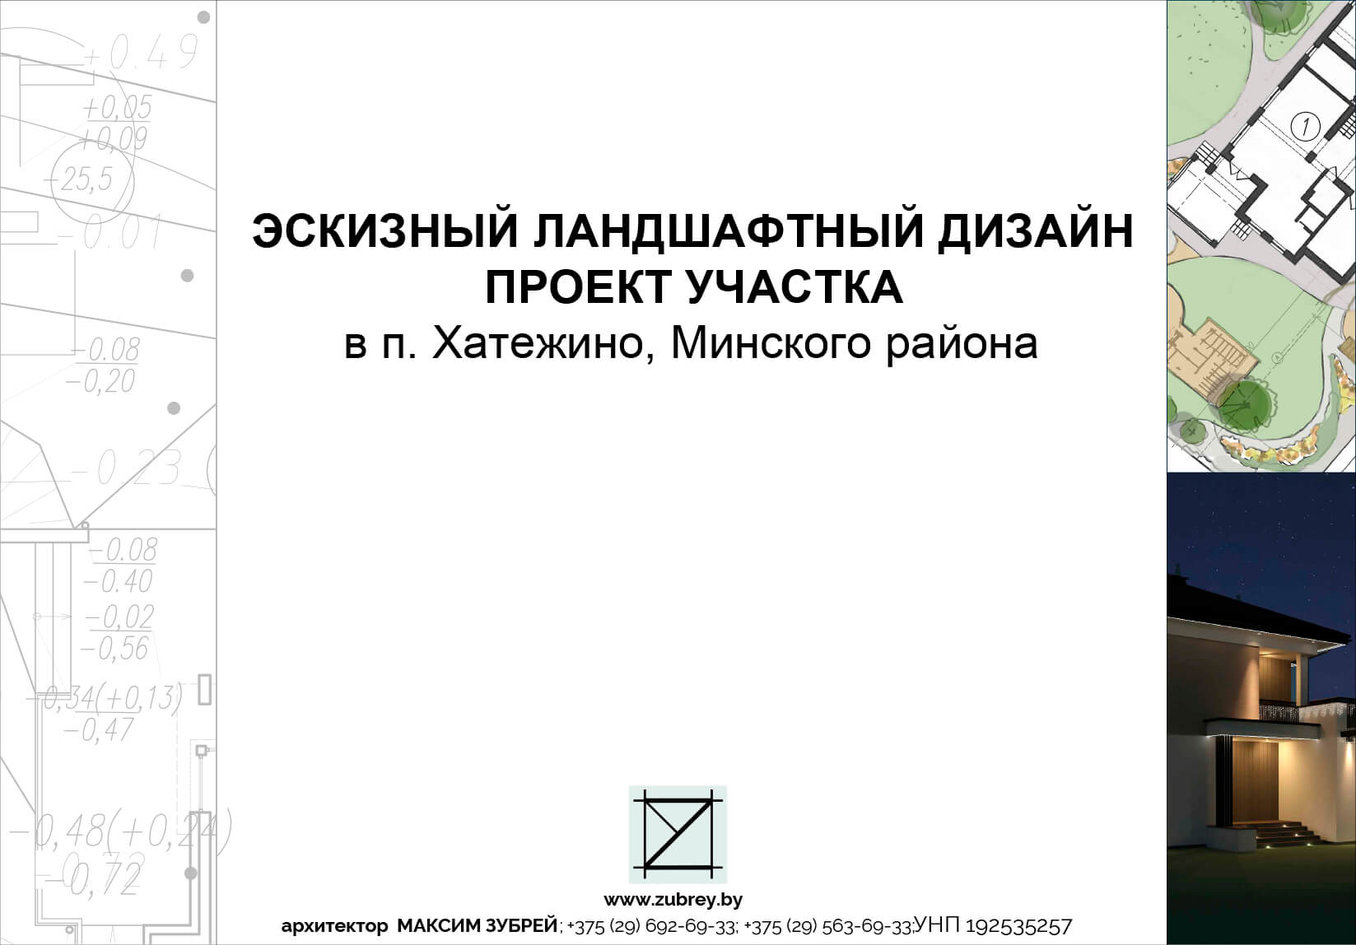 титульный лист эскизного ландшафтного дизайн проекта